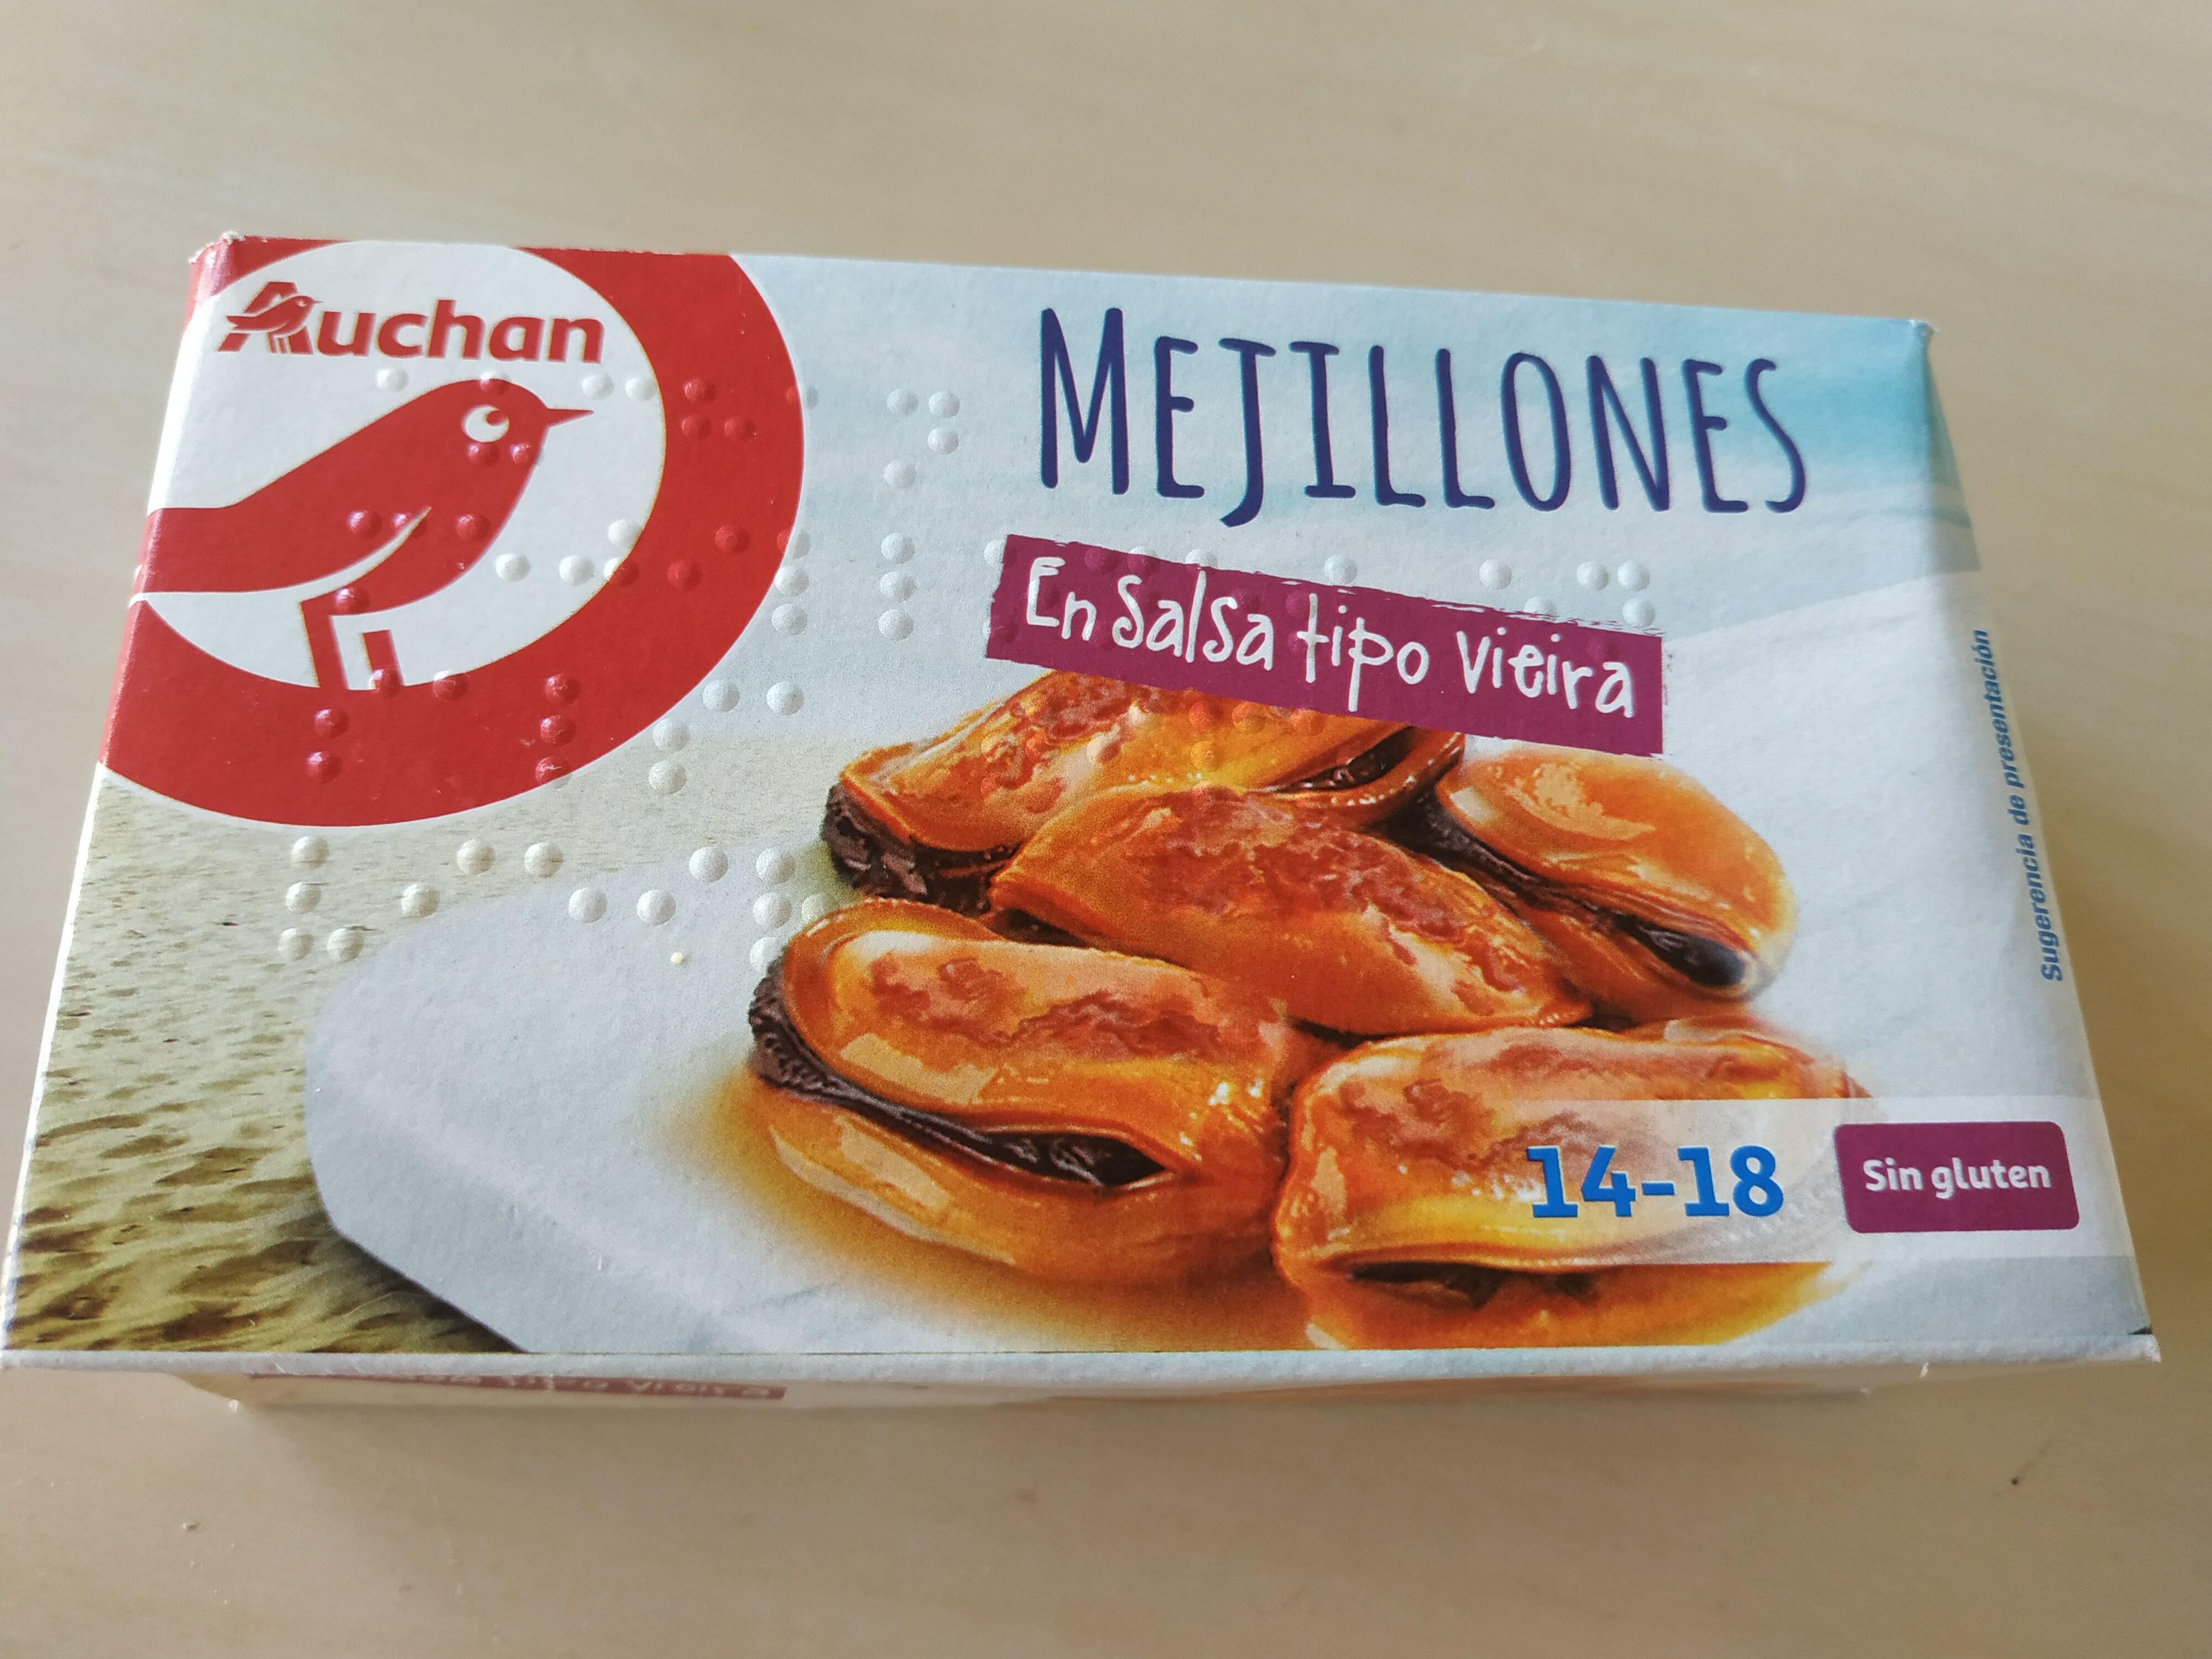 Mejillones en salsa tipo vieira - Producto